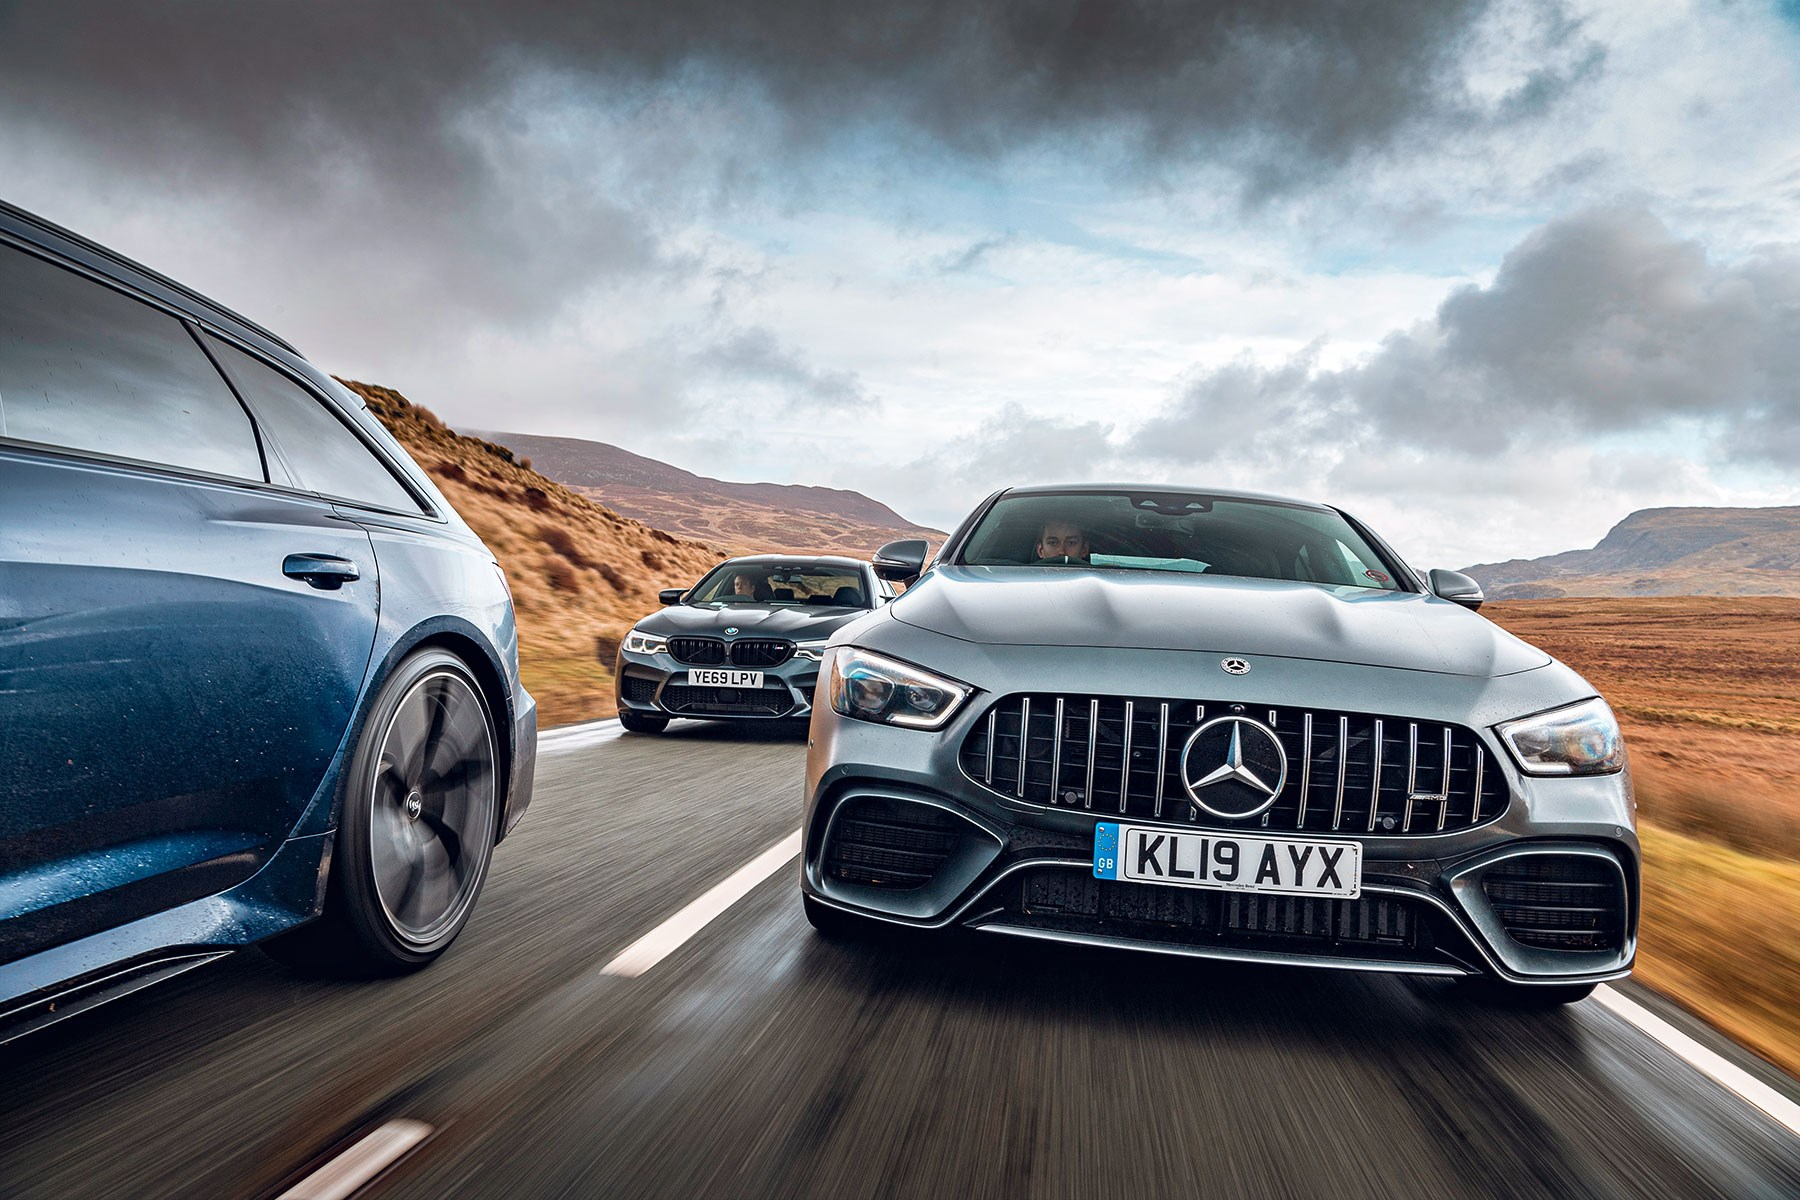 Kelebihan Audi Bmw Mercedes Murah Berkualitas